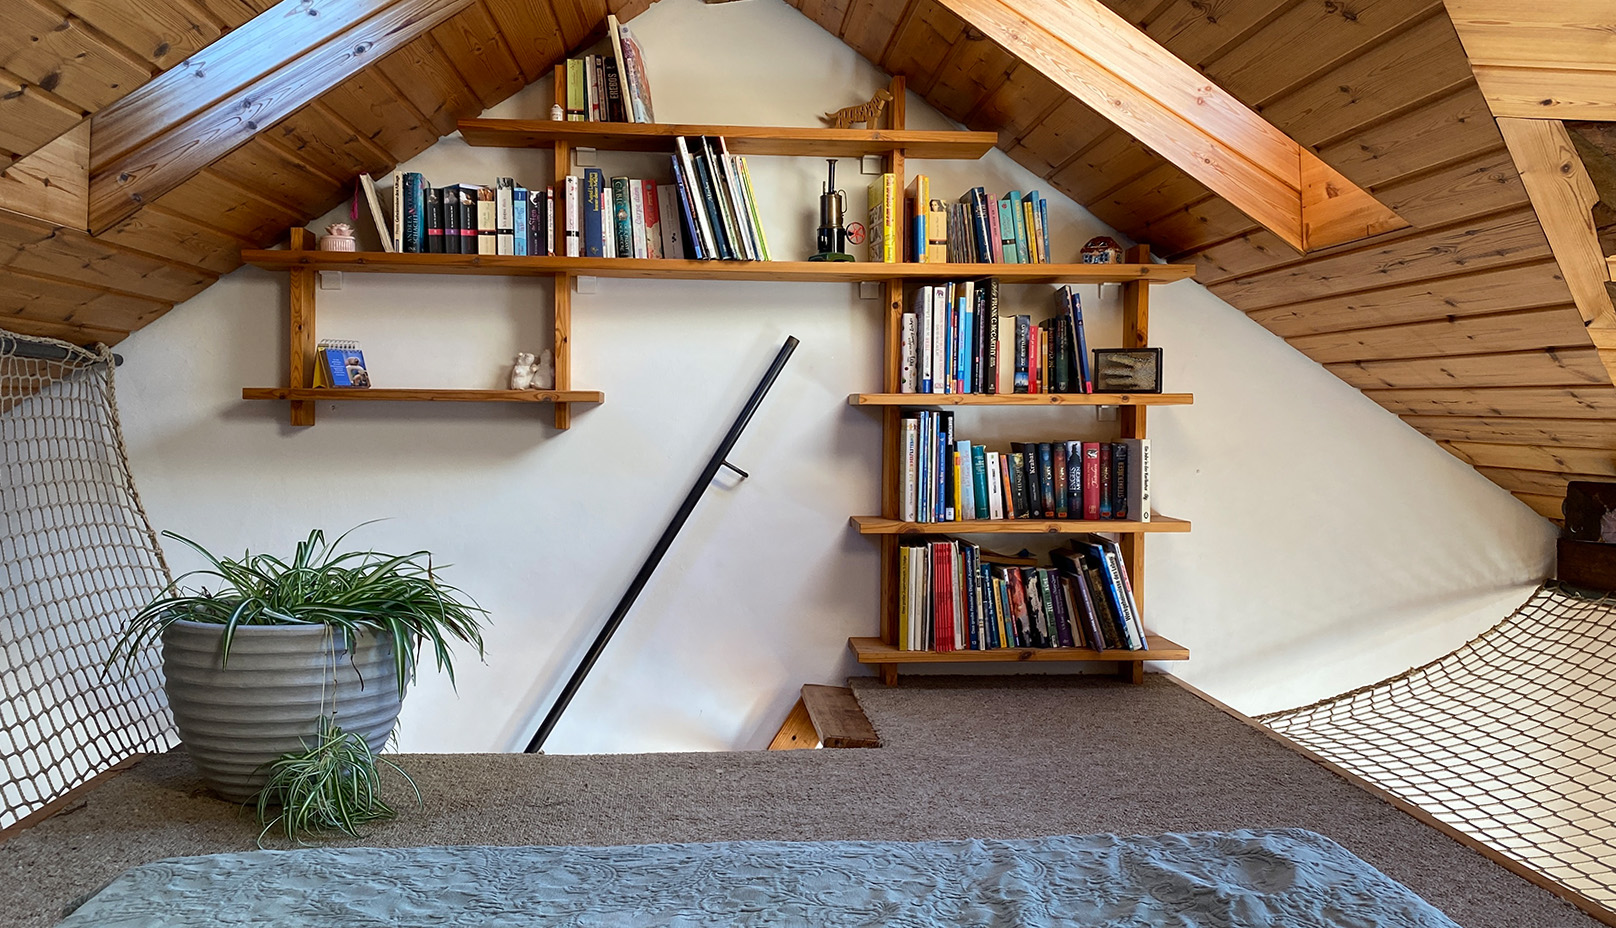 Gemütliche Leseecke direkt unter dem Dachgiebel mit vielen Büchern, Spielen etc. - Fewo Roos